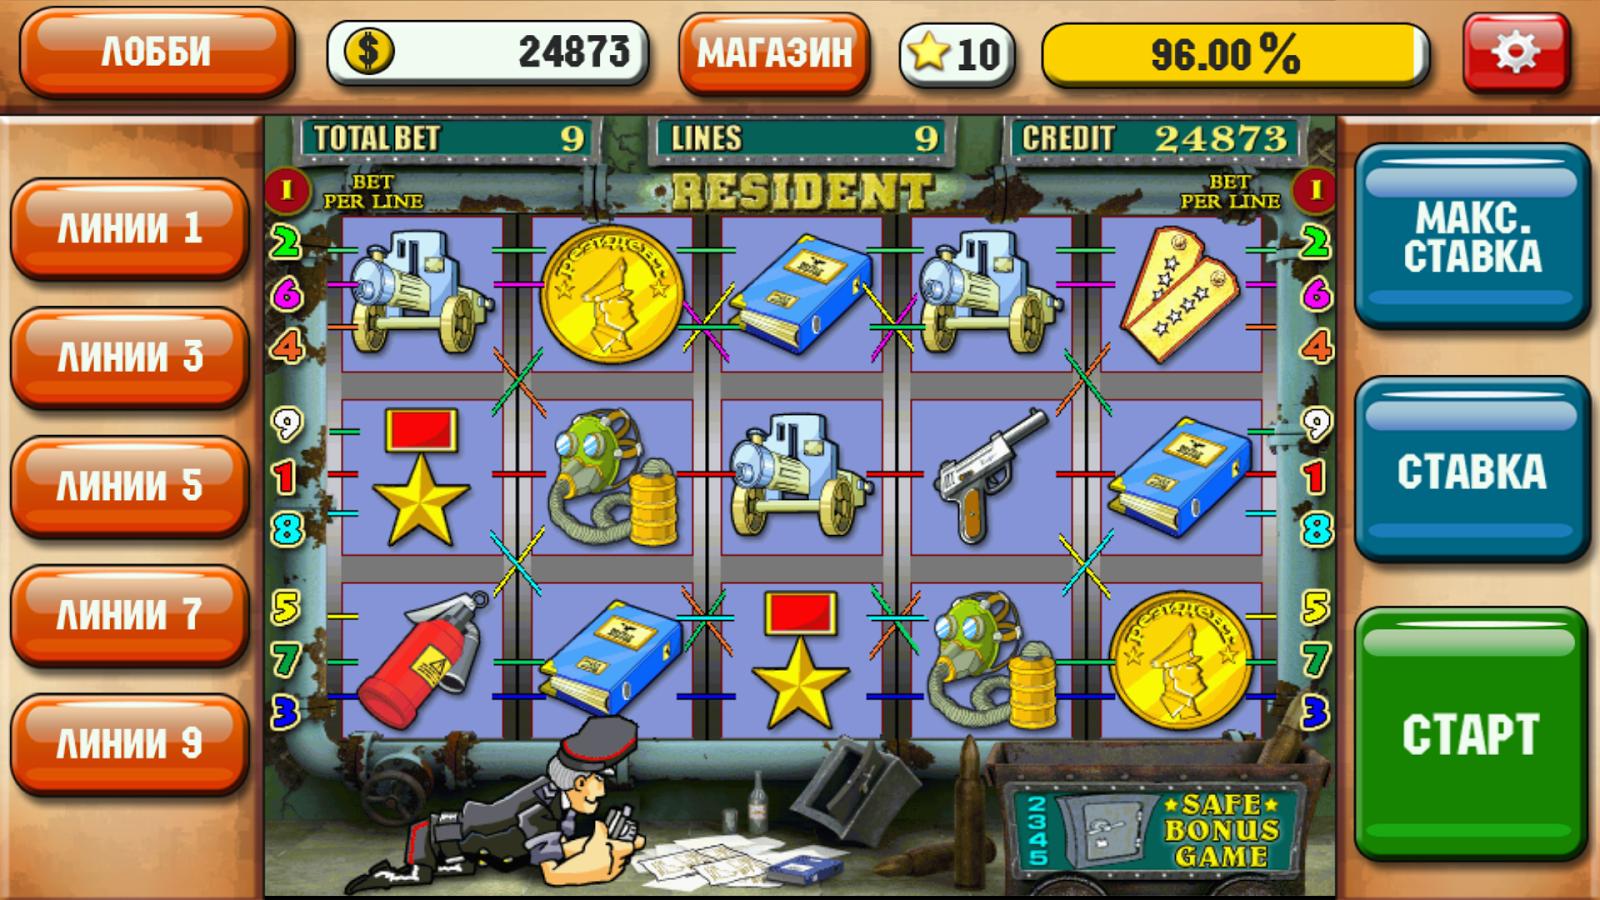 Игровой автомат пирамида бесплатно